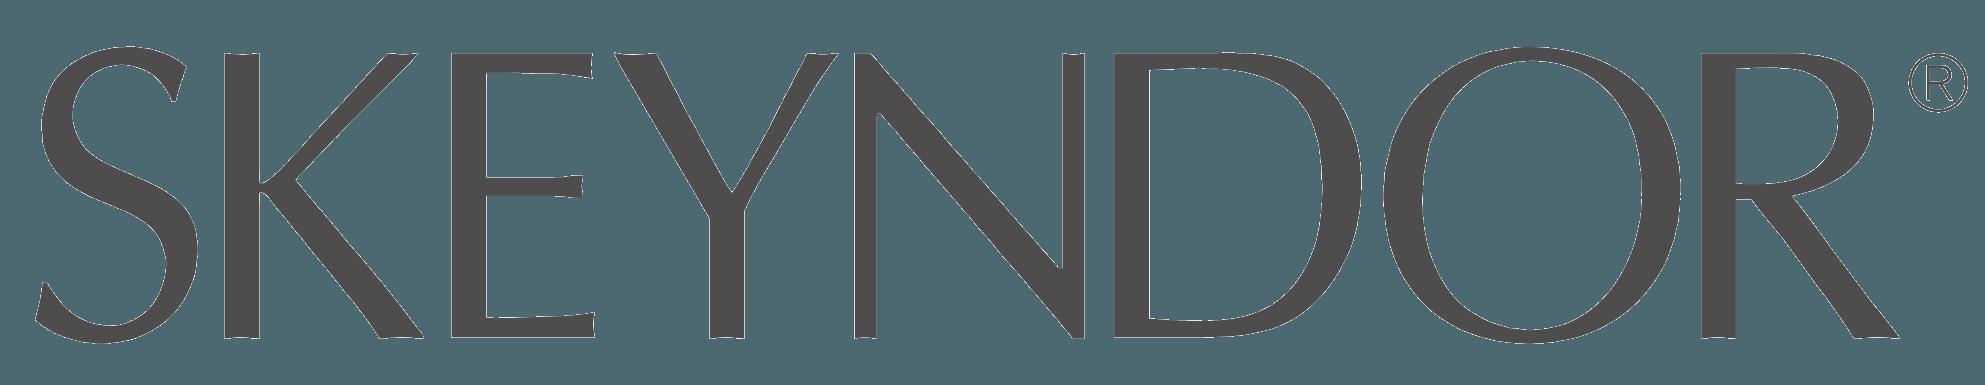 Skeyndor_logo